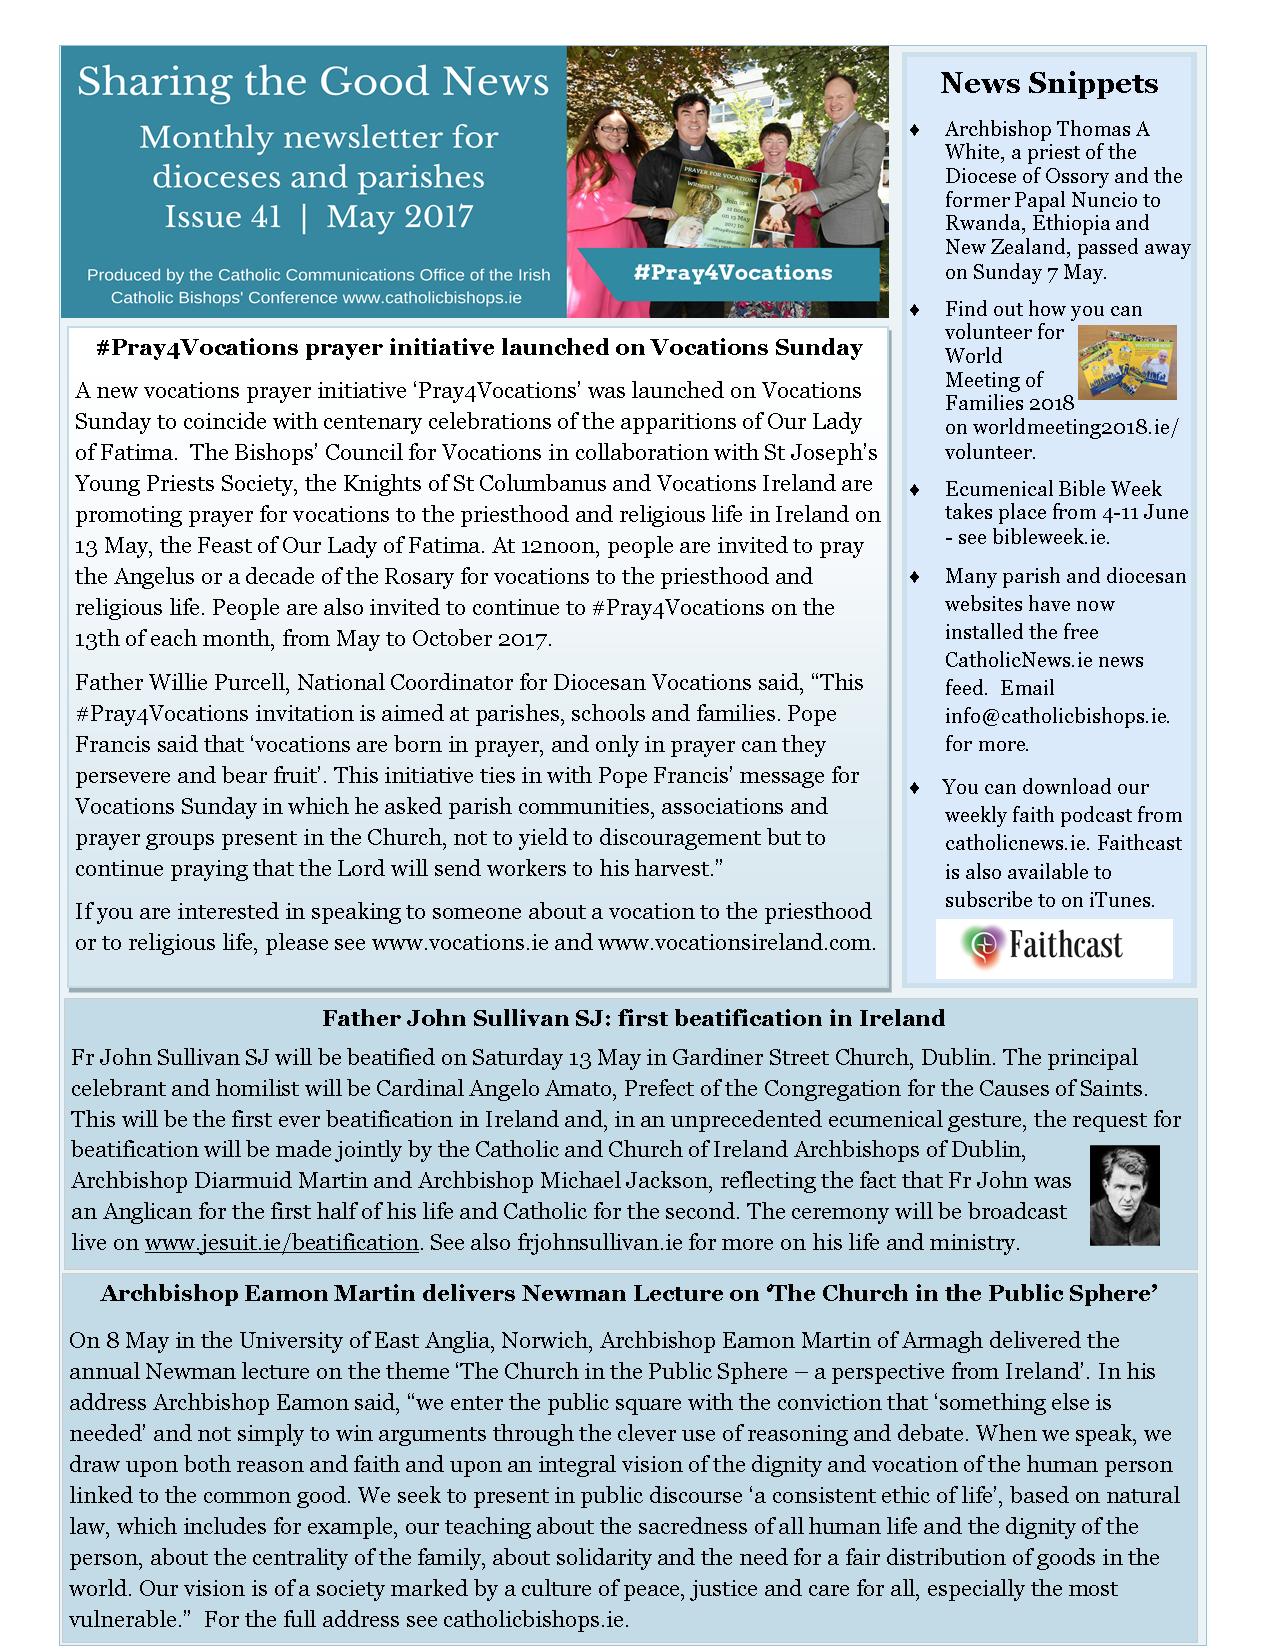 Sharing-the-Good-News-May-2017